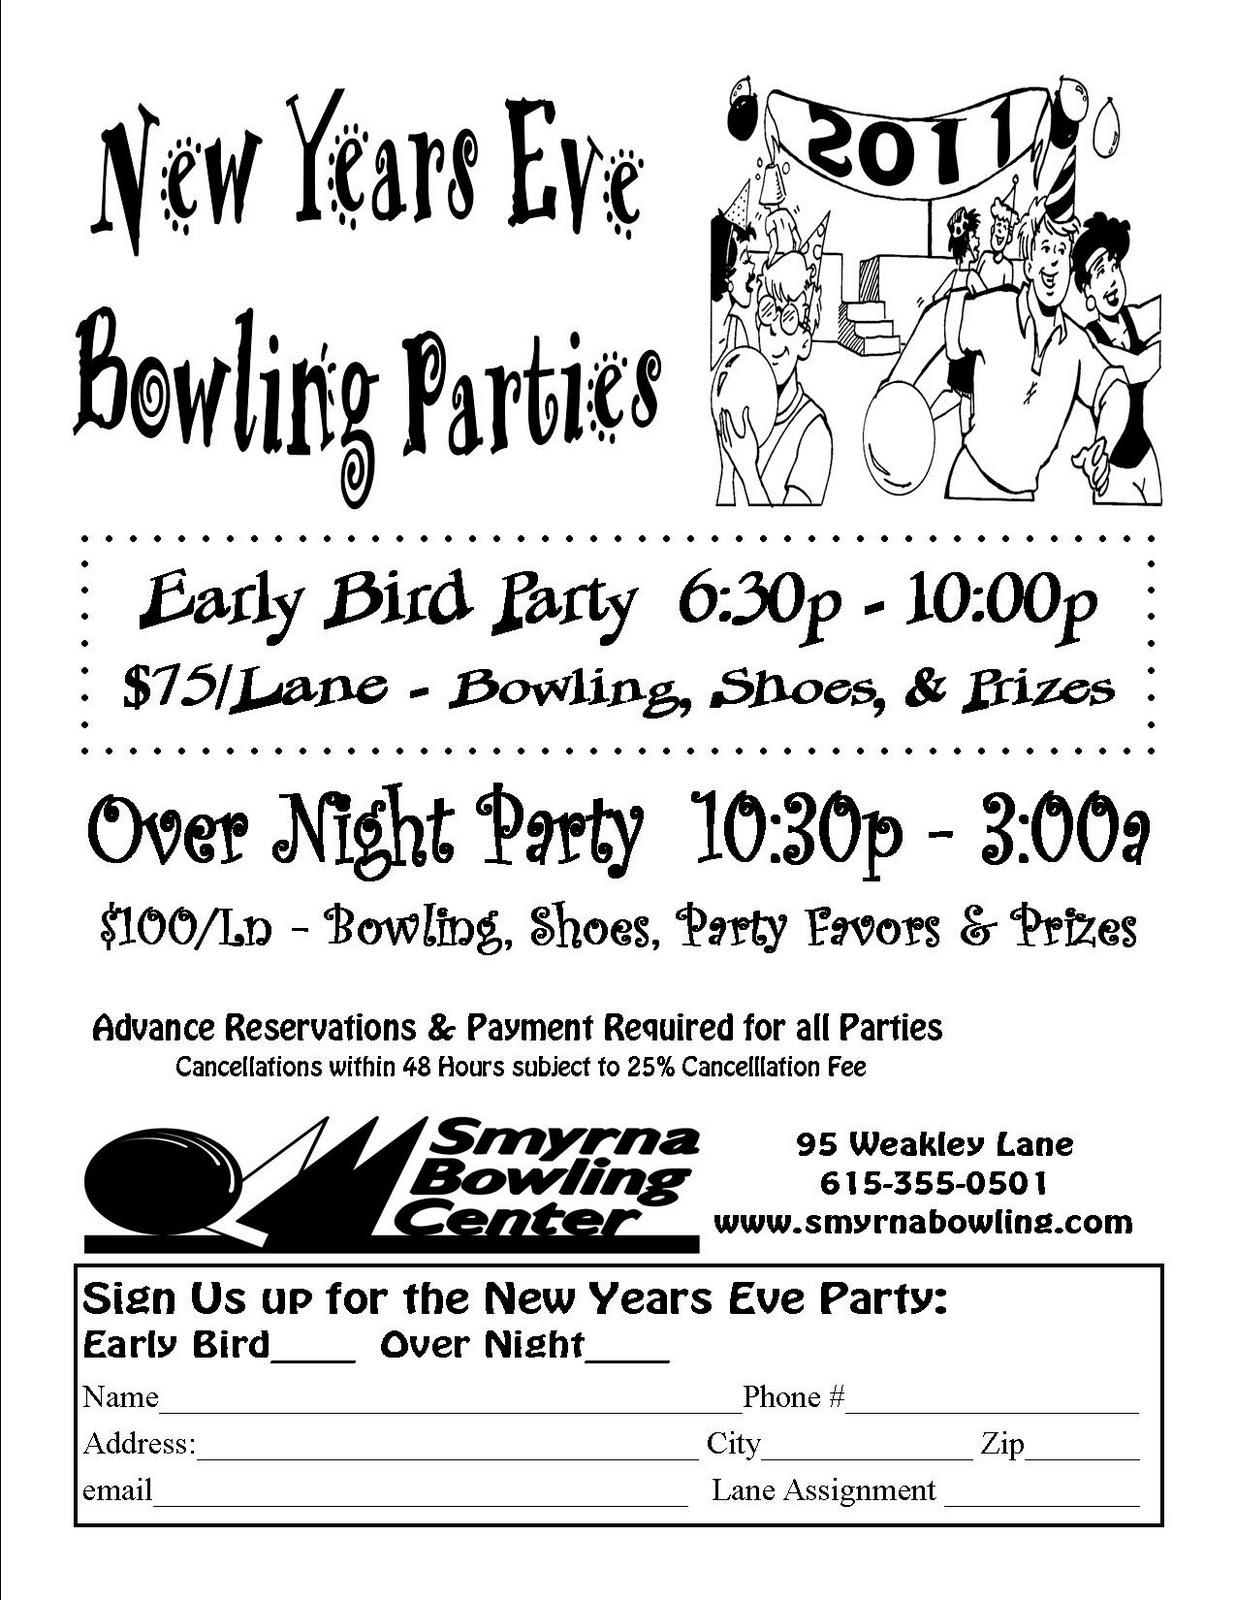 Smyrna Bowling Center